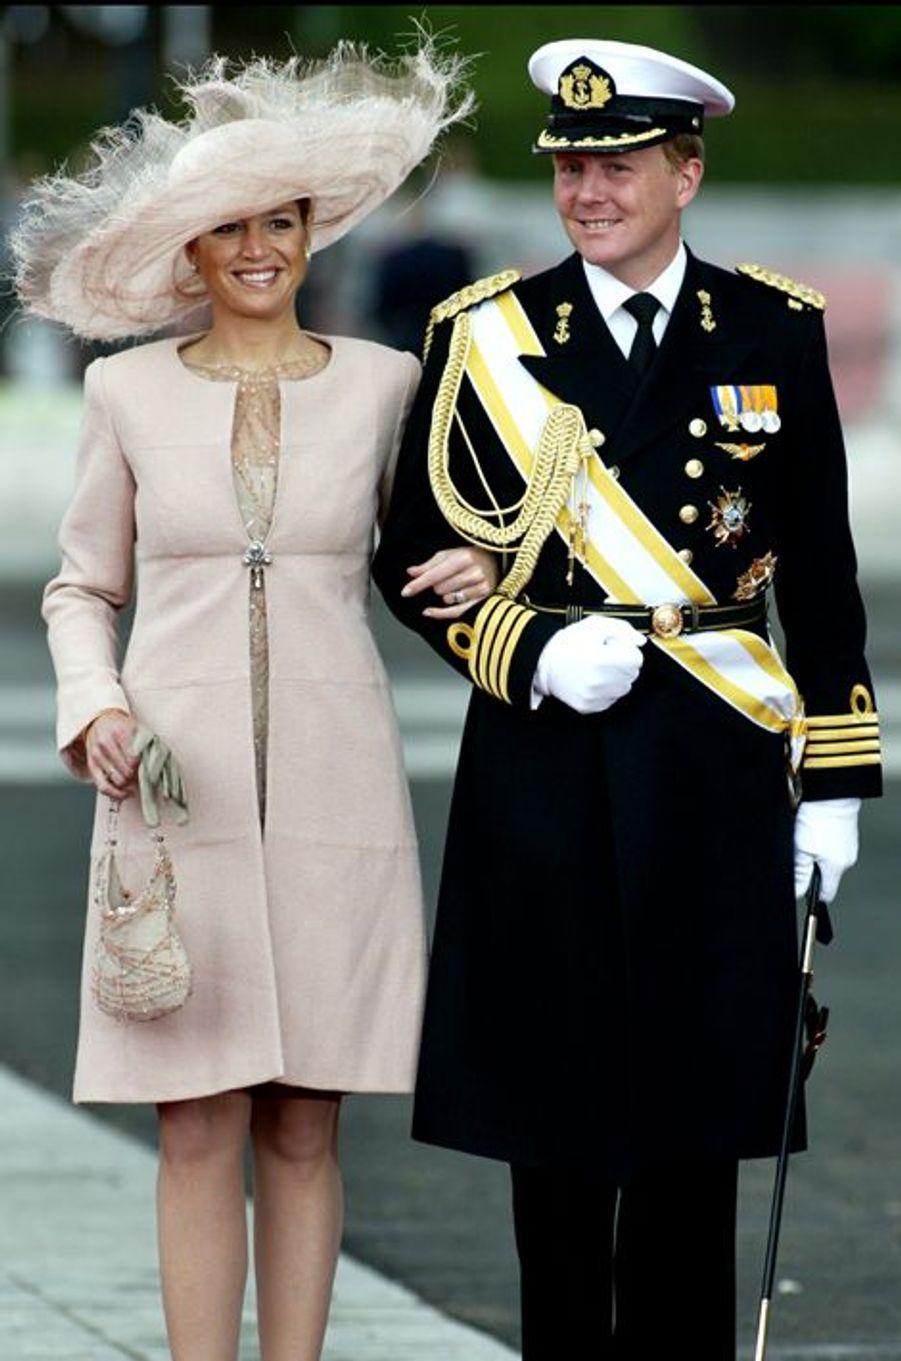 La princesse Maxima et le prince Willem-Alexander des Pays-Bas à Madrid, le 22 mai 2004